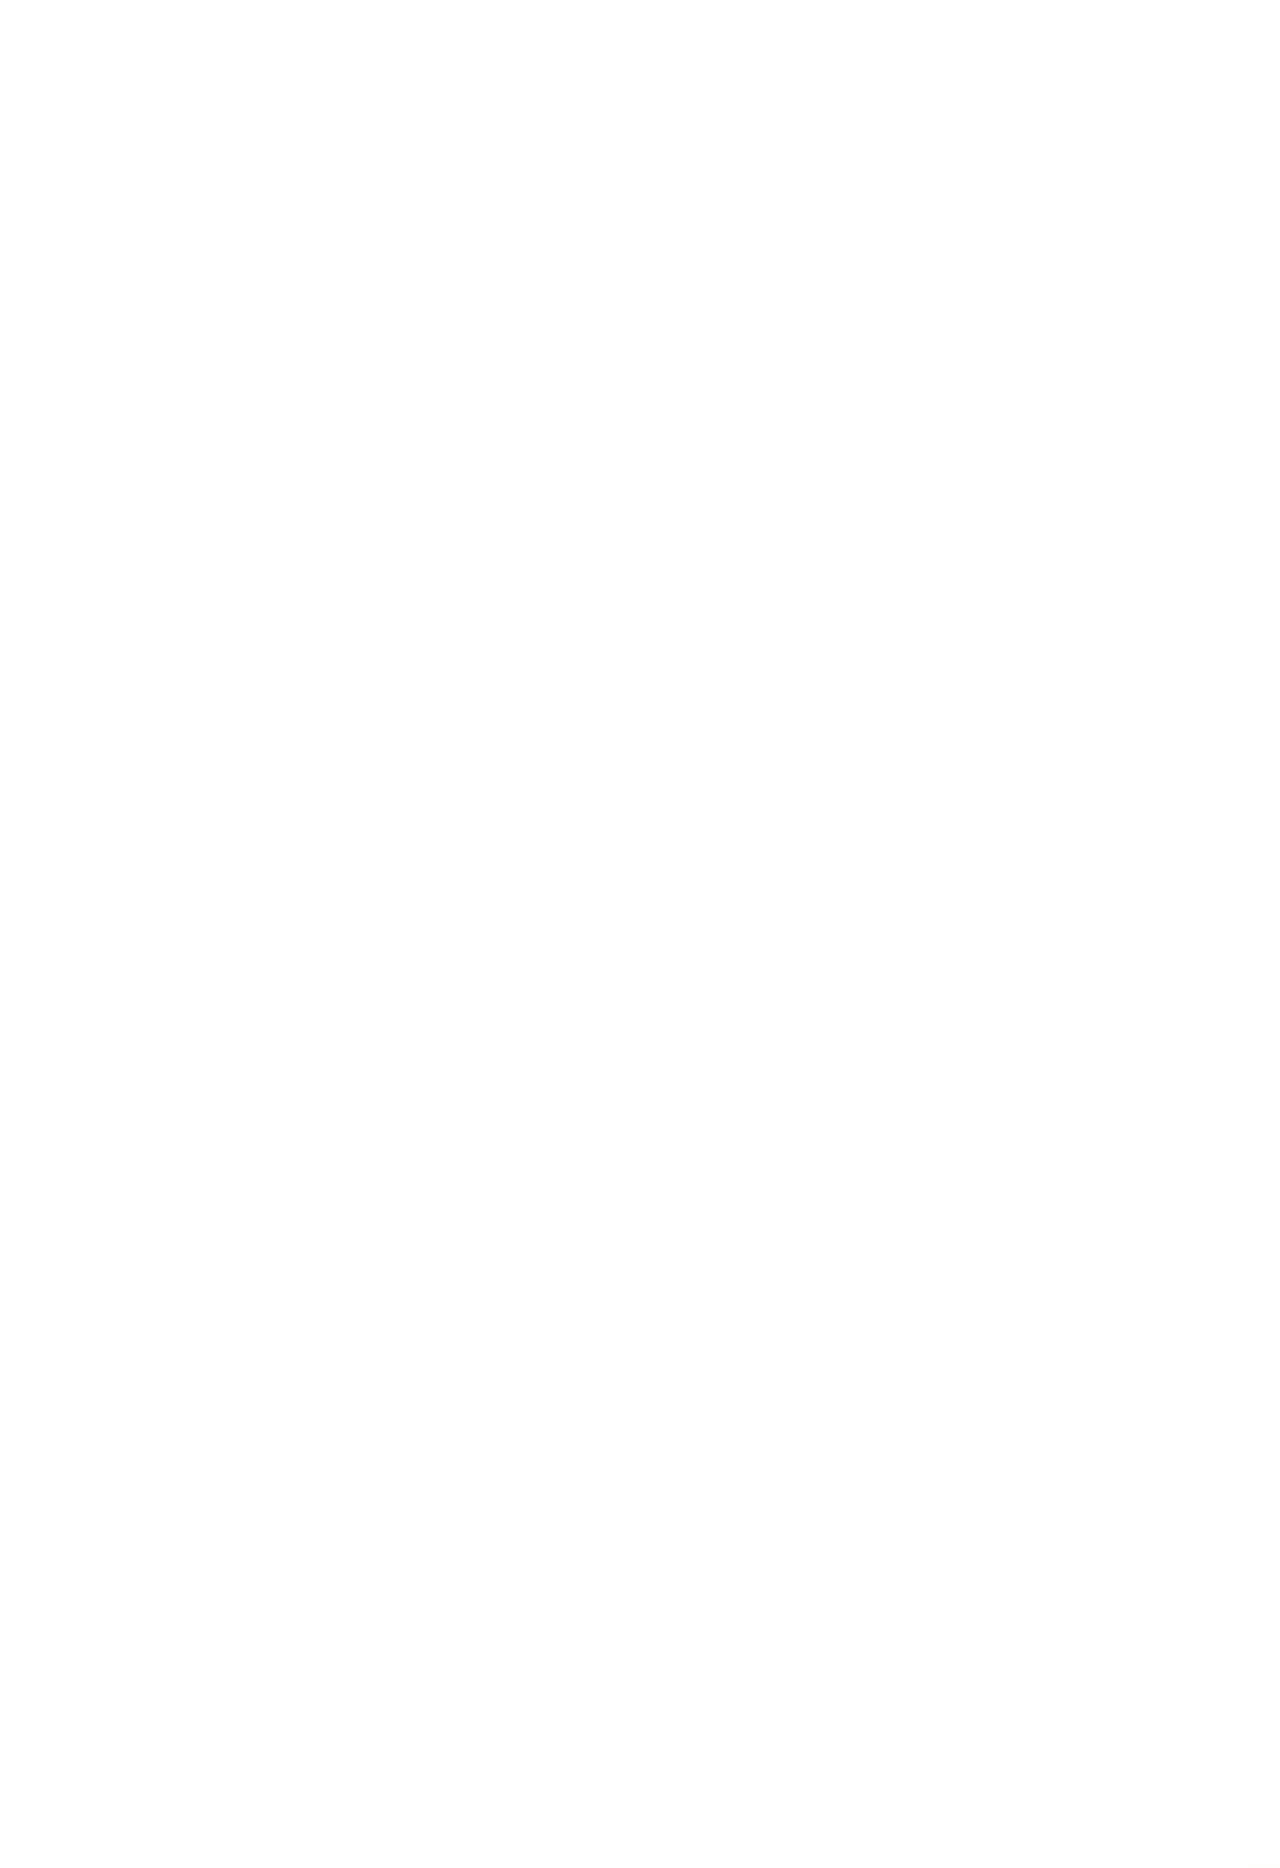 Higurashi no Nuku Koro ni Hamegoroshi-hen 1